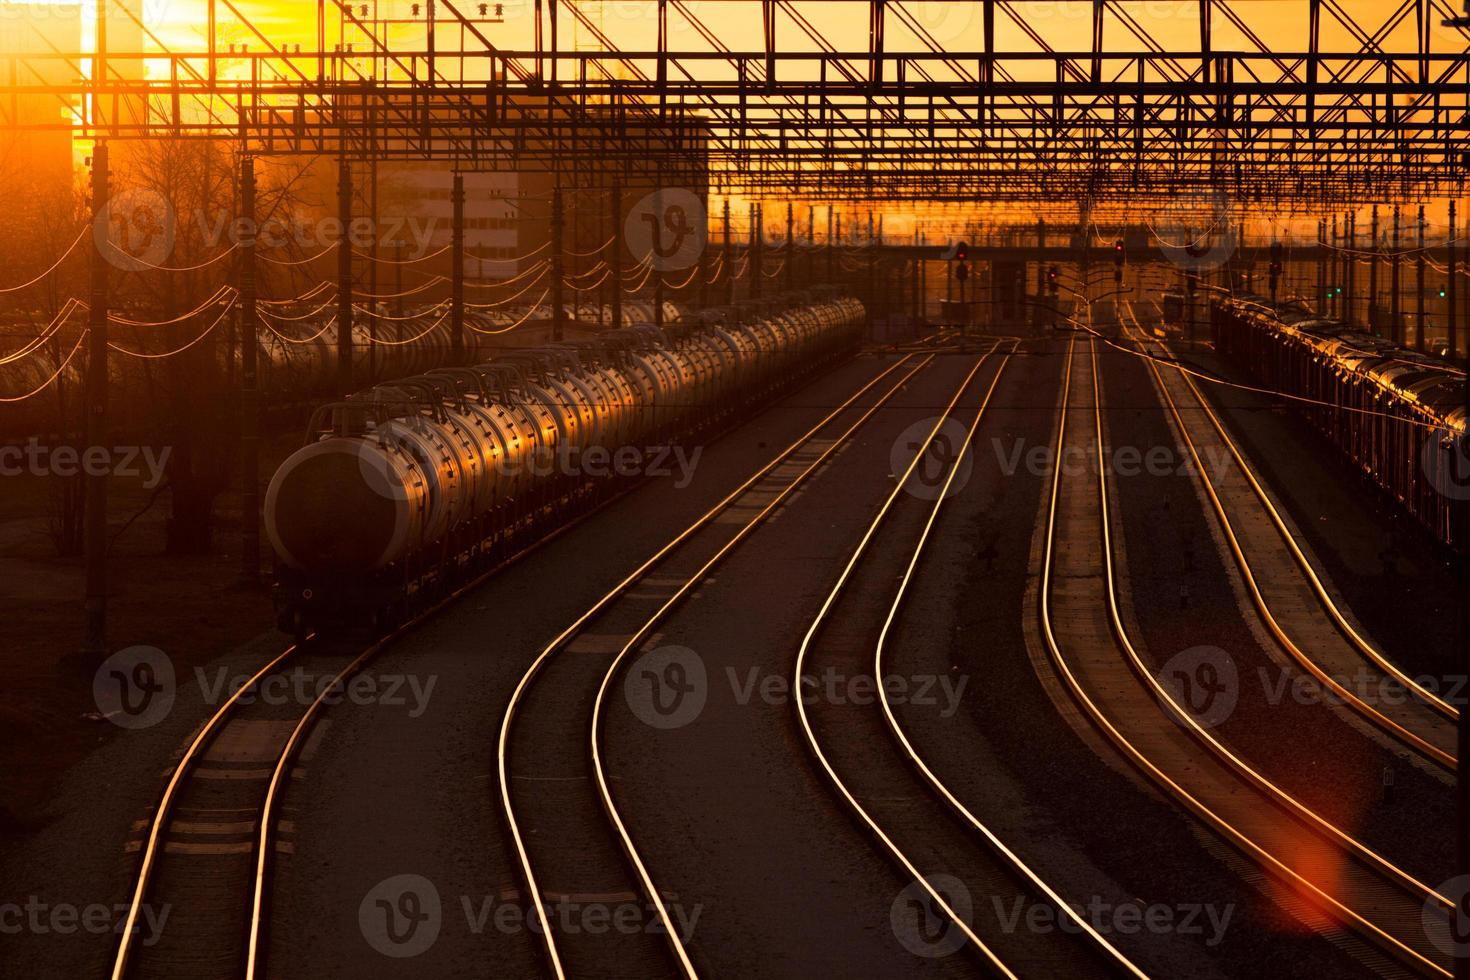 järnvägsstation vid solnedgången foto